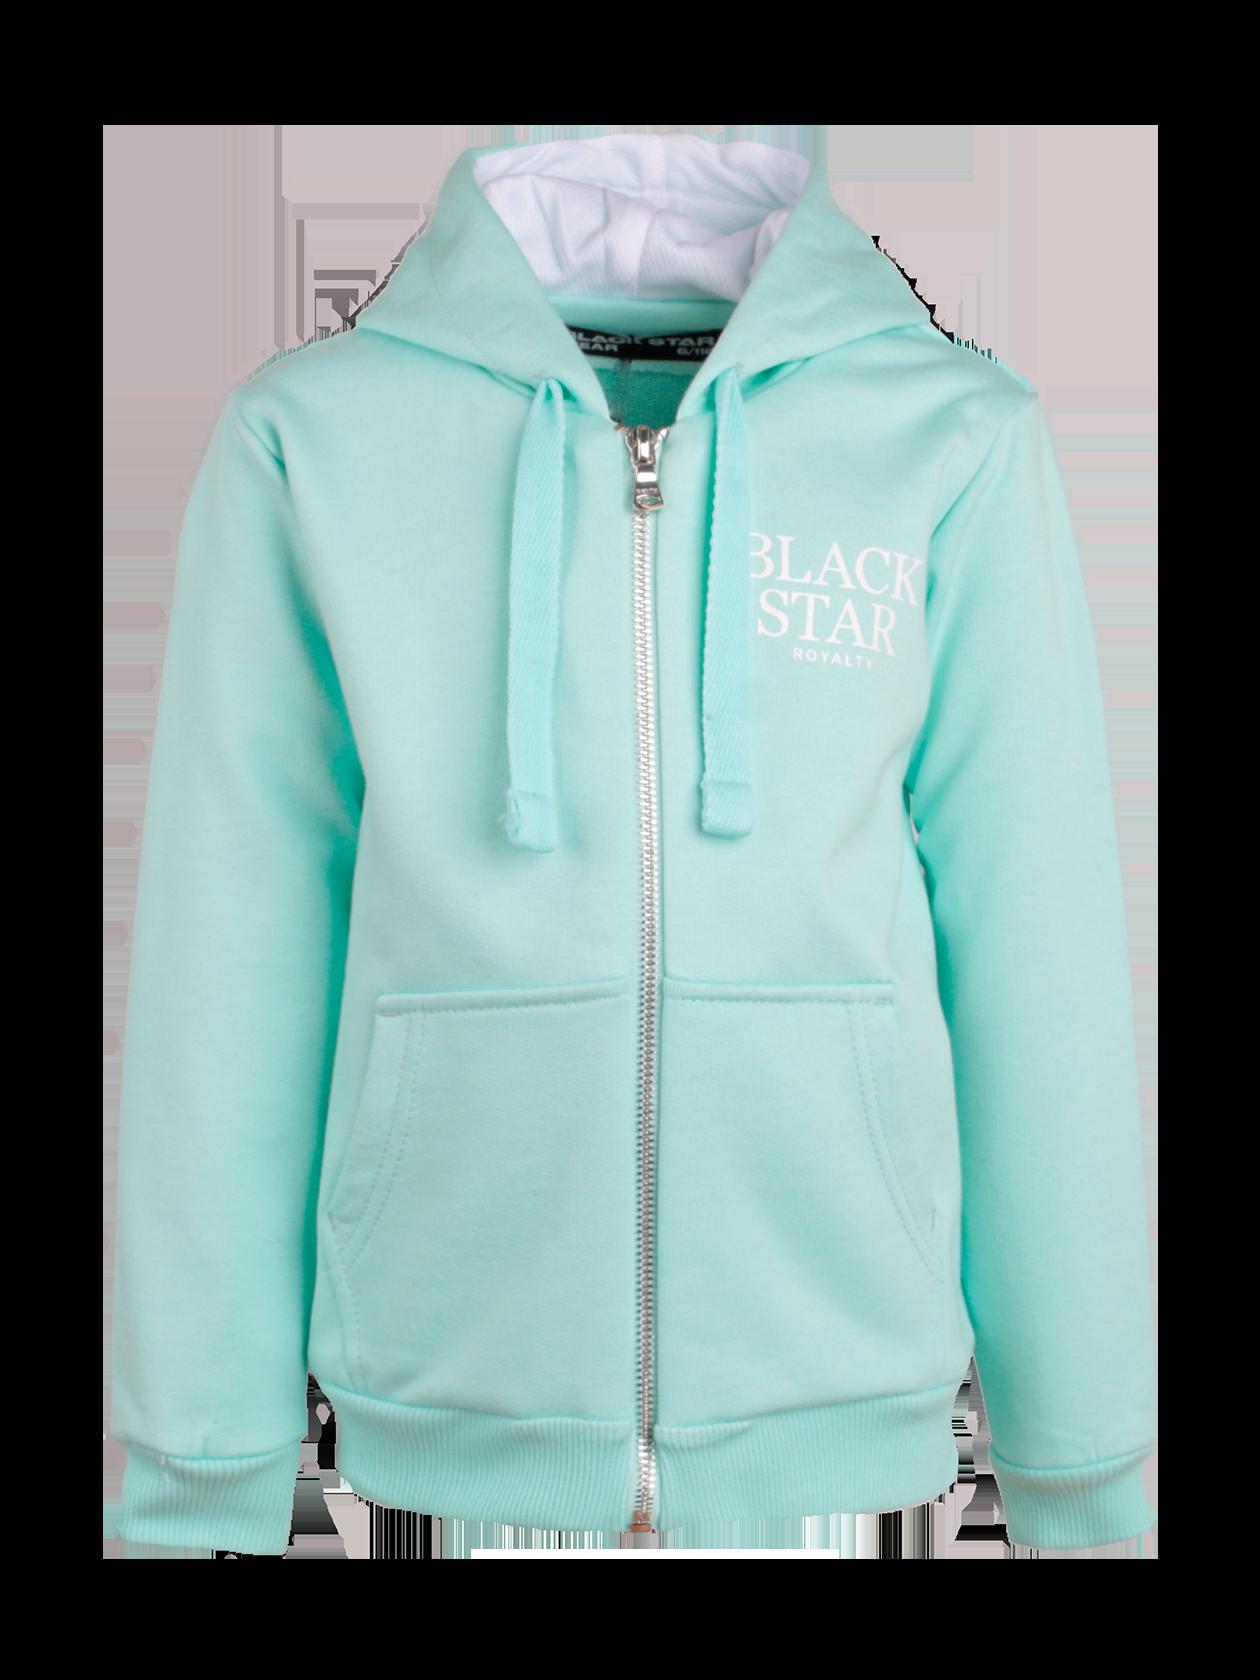 Толстовка детская ROYALTY BLACK STARПрактичная и удобная толстовка детская Royalty Black Star – отличное дополнение к гардеробу юных модников. Традиционный прямой крой, свободный силуэт. Объемный капюшон на подкладке, фиксирующие манжеты и низ изделия защитят от ветра и непогоды. Спереди серебристая застежка на молнии, накладные карманы. На груди контрастная надпись Black Star Royalty. Толстовка выполнена в приятной ментоловой расцветке, сшита из высококачественного мягкого футера.<br><br>Размер: 6 years<br>Цвет: Ментоловый<br>Пол: Унисекс